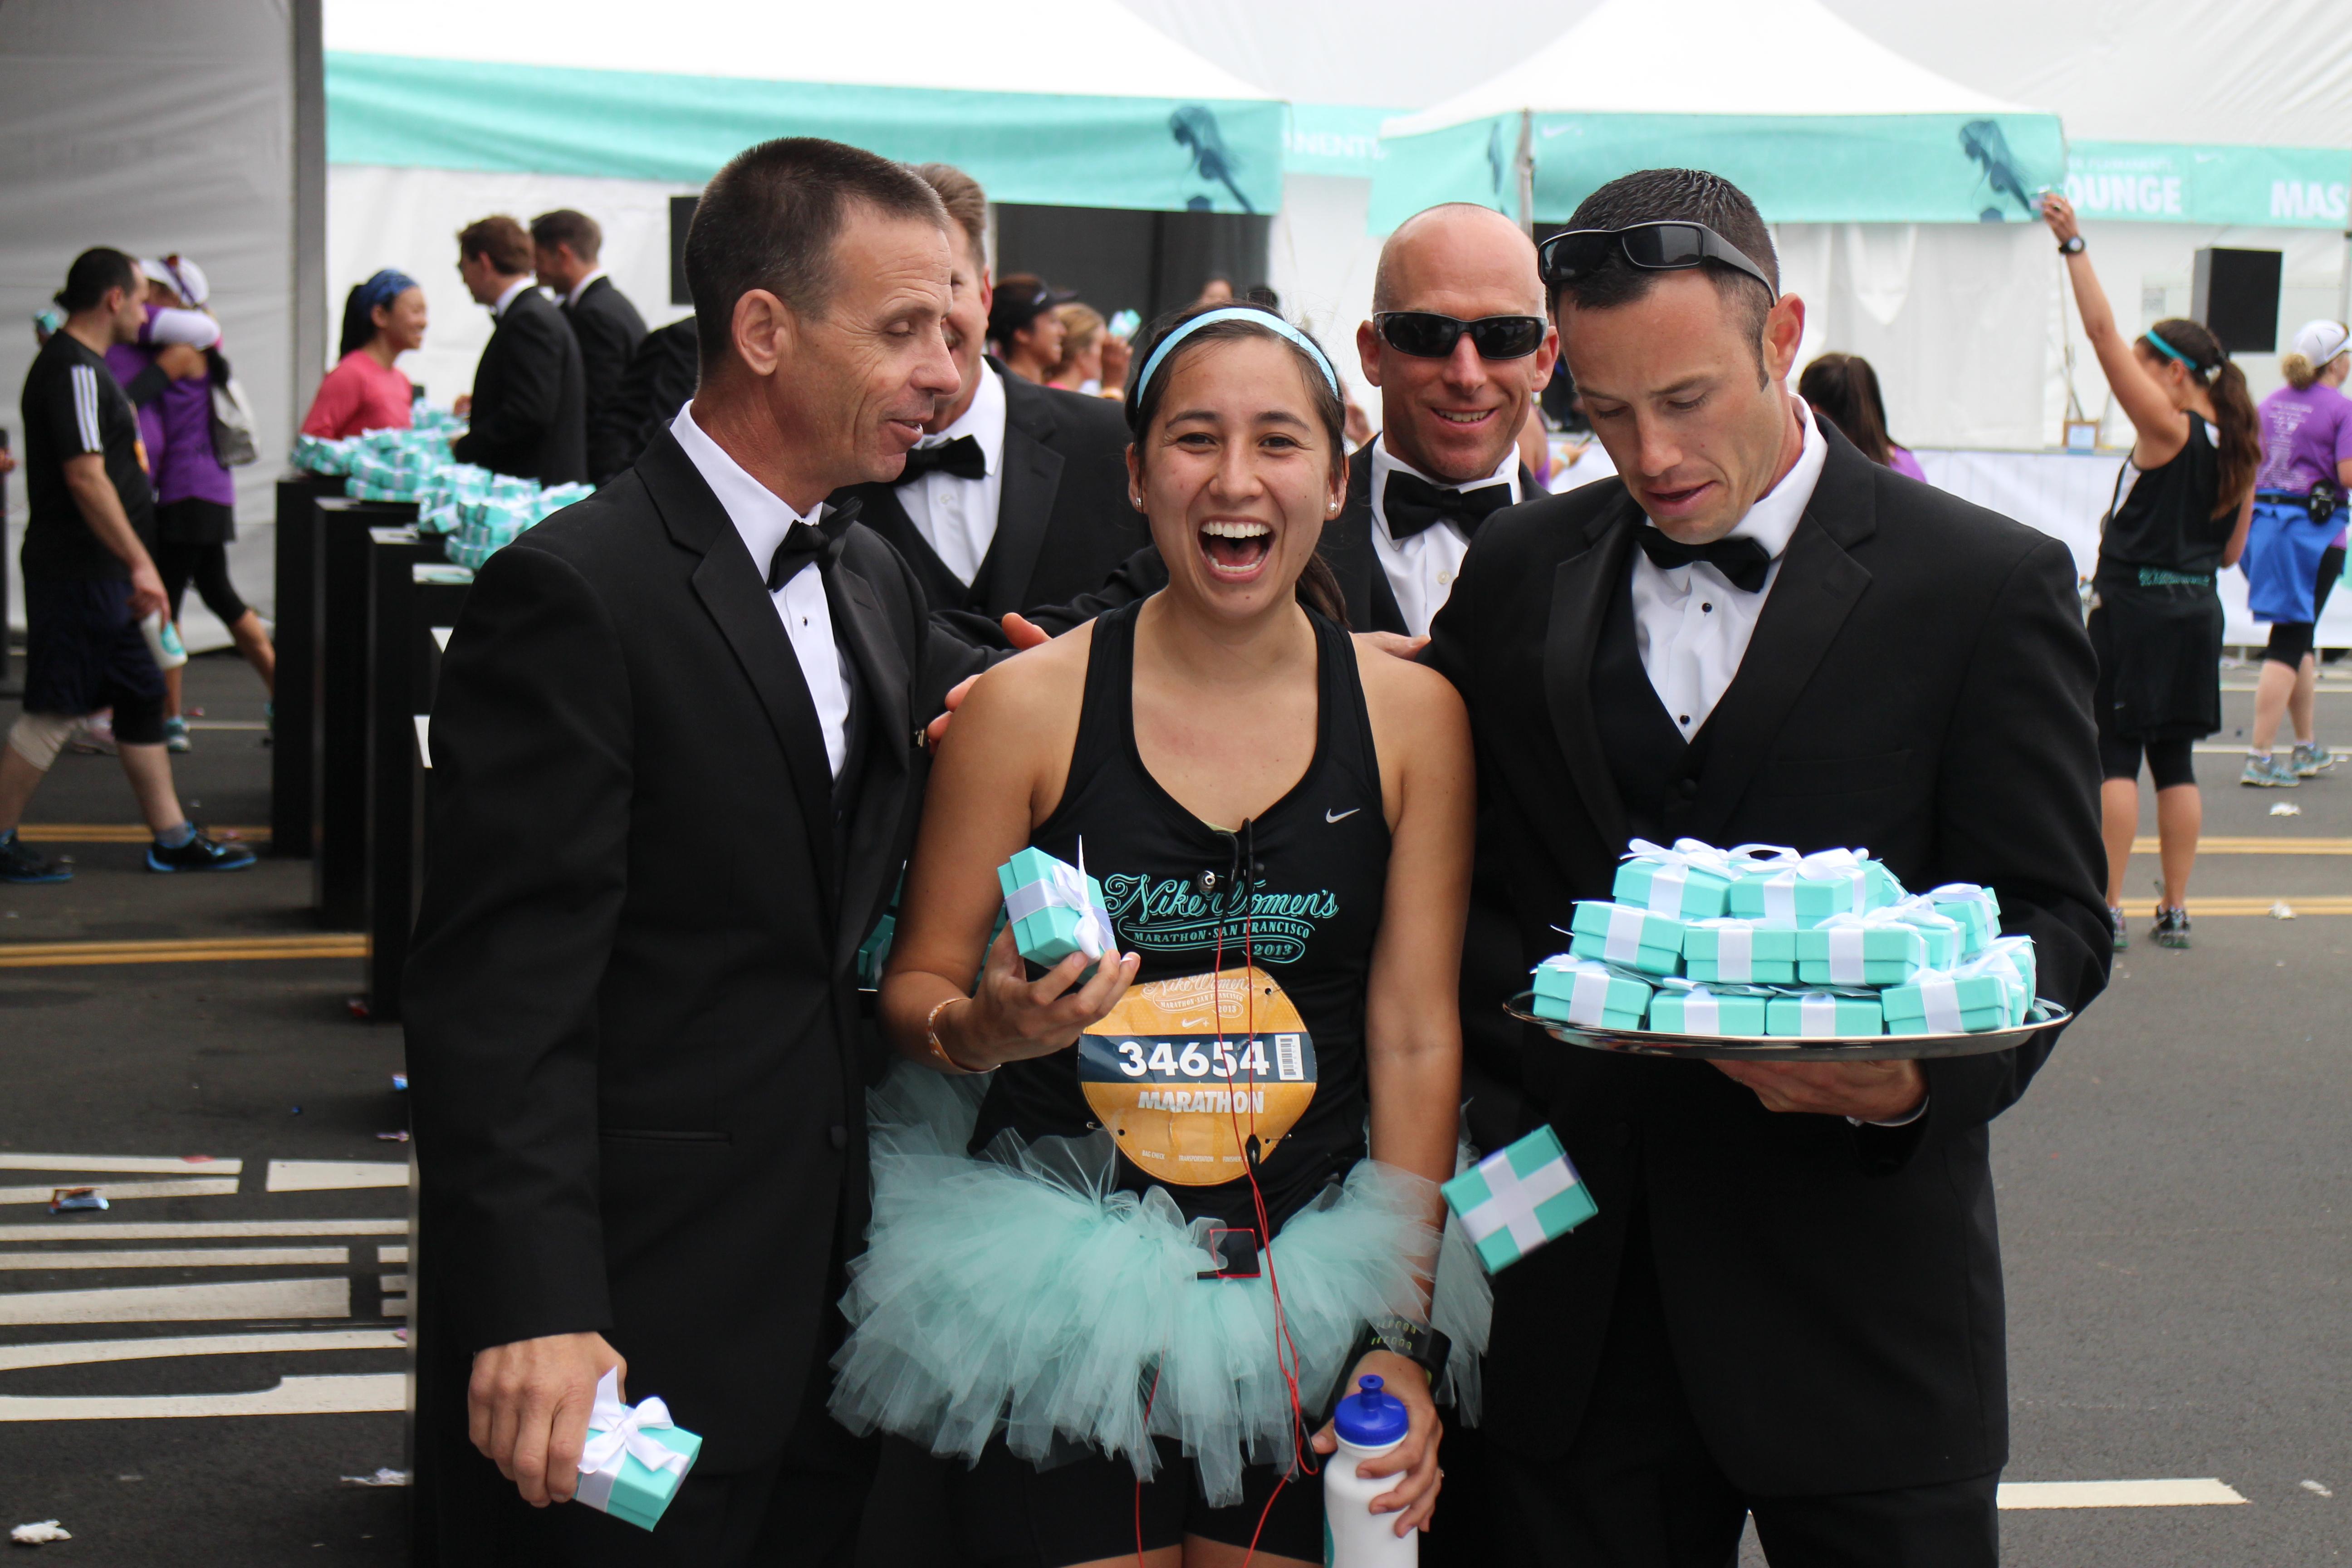 NIke Women's Marathon, Tiffany's, Firefighters, Tux